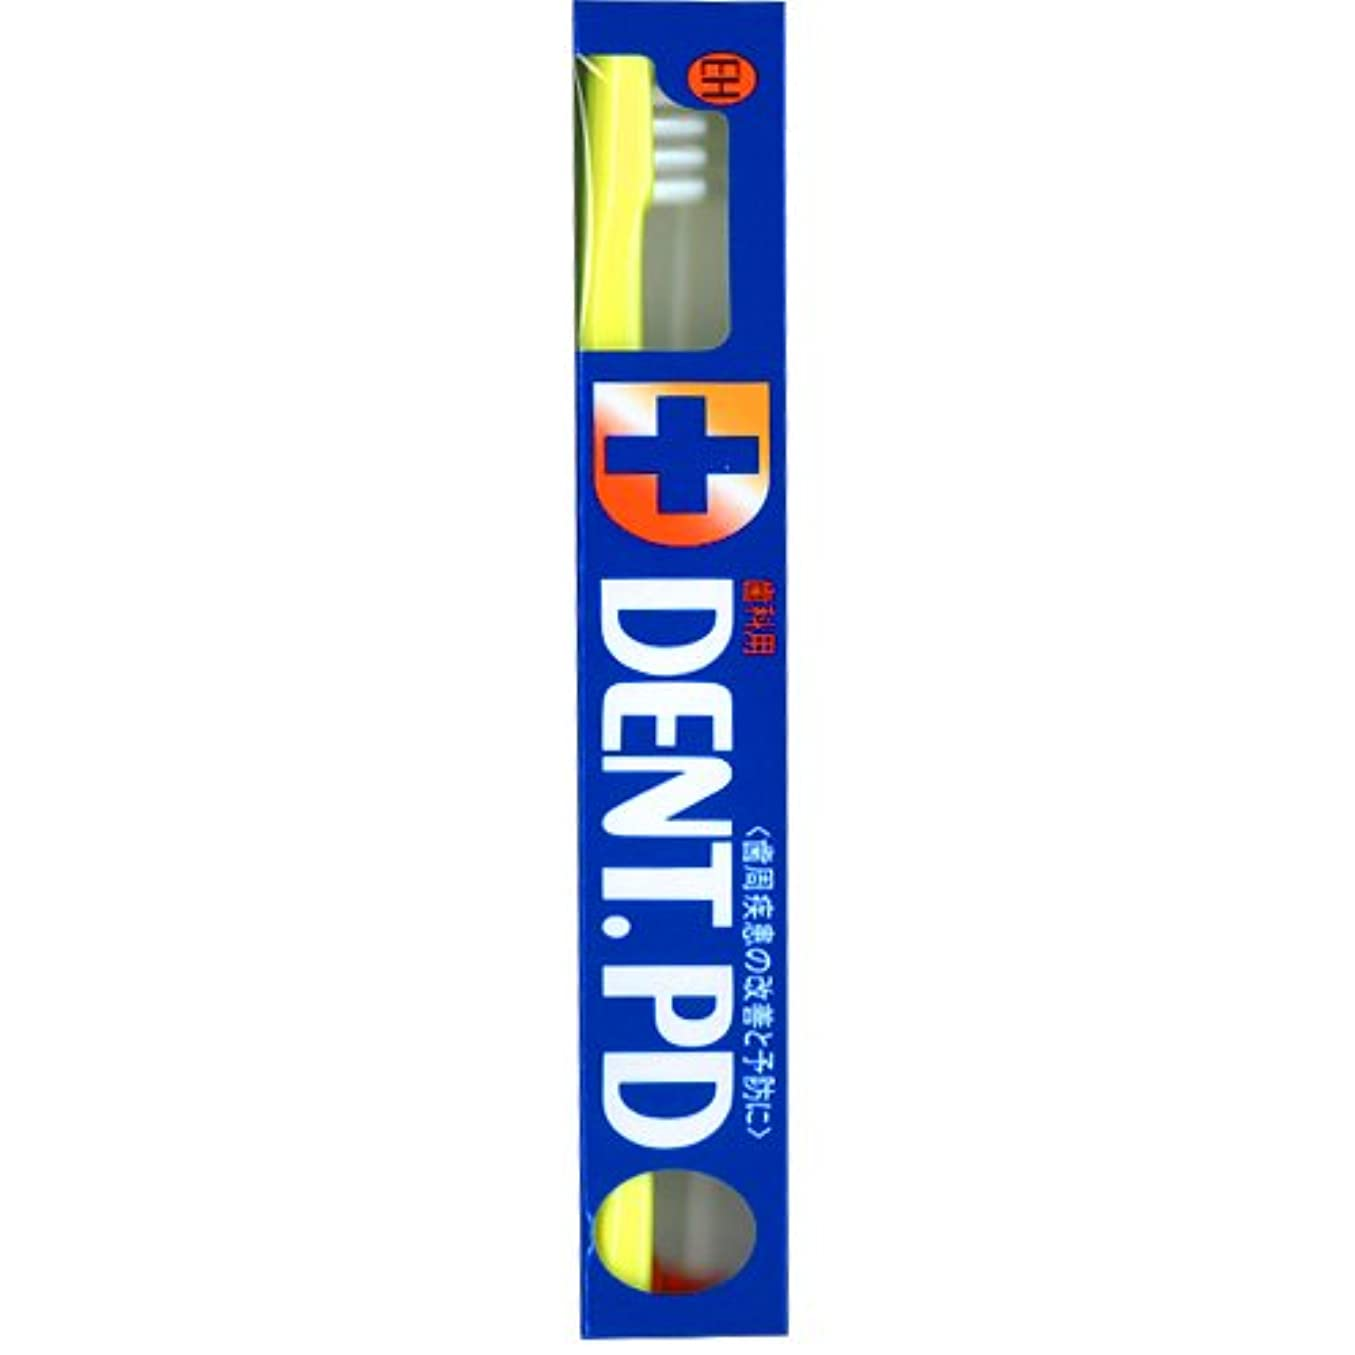 画像数学的な悪用ライオン DENT.PD歯ブラシ 1本 EH (イエロー)